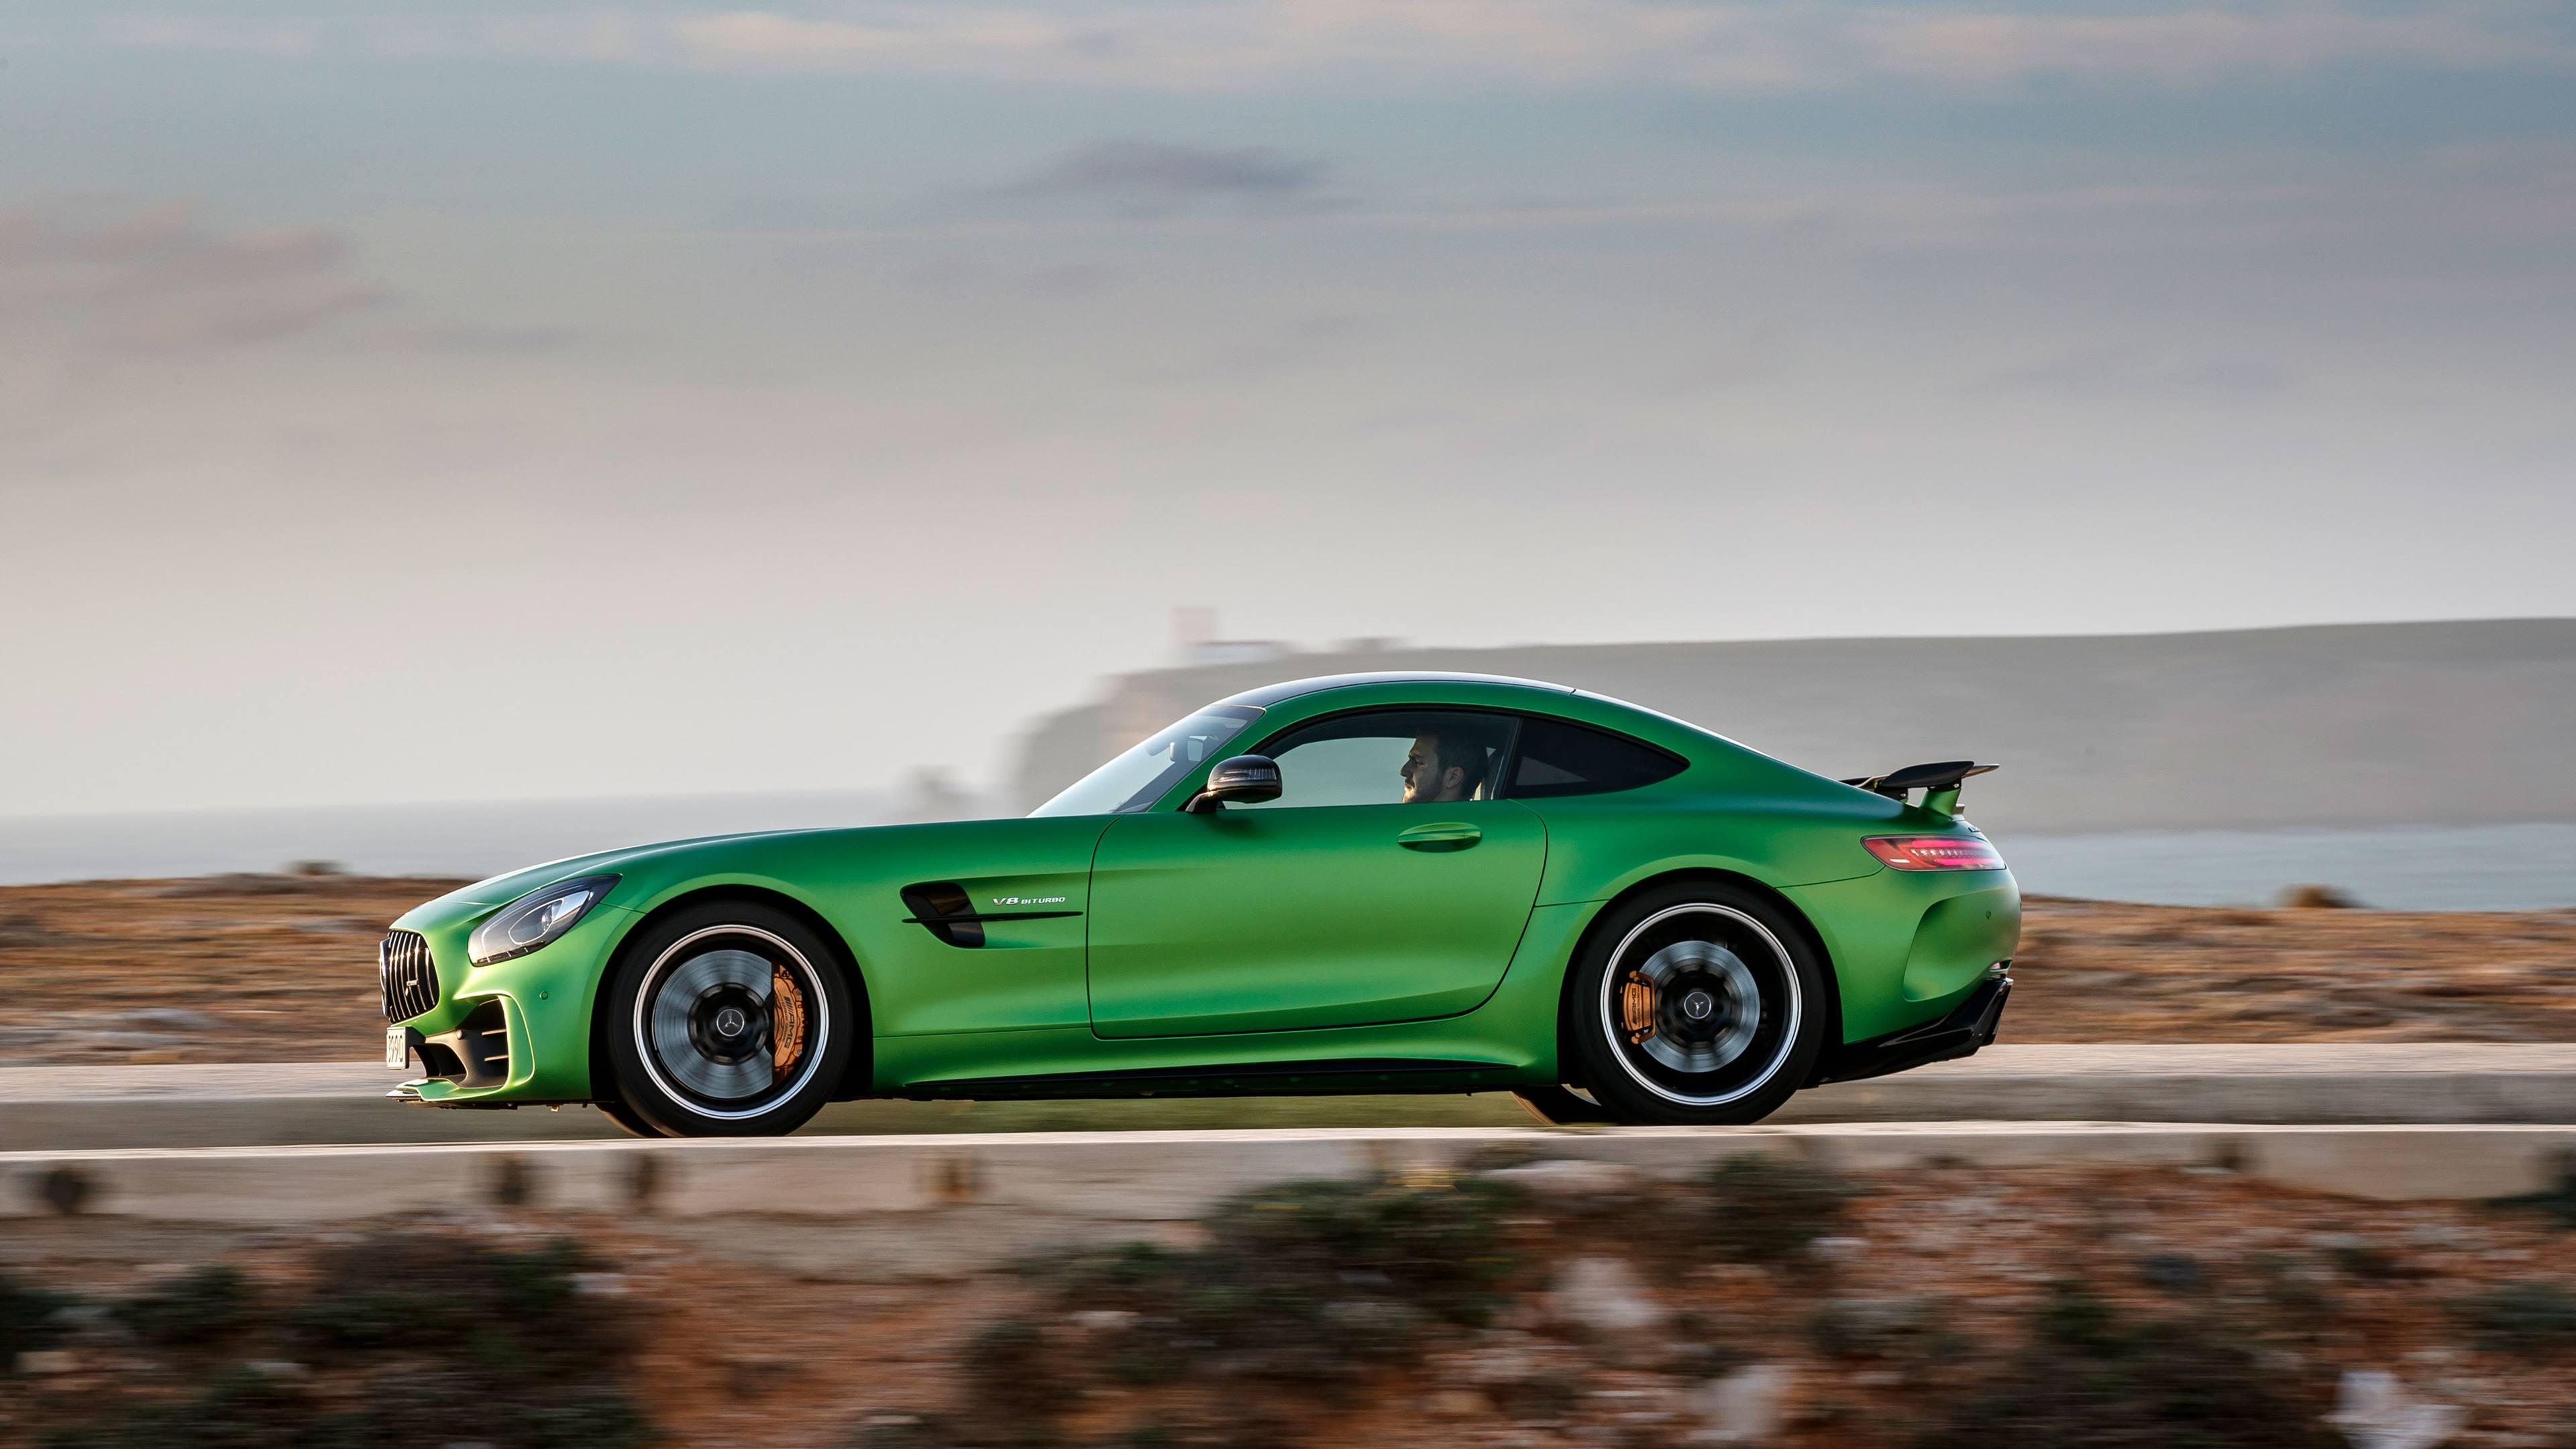 2018 Mercedes-AMG GT R profile